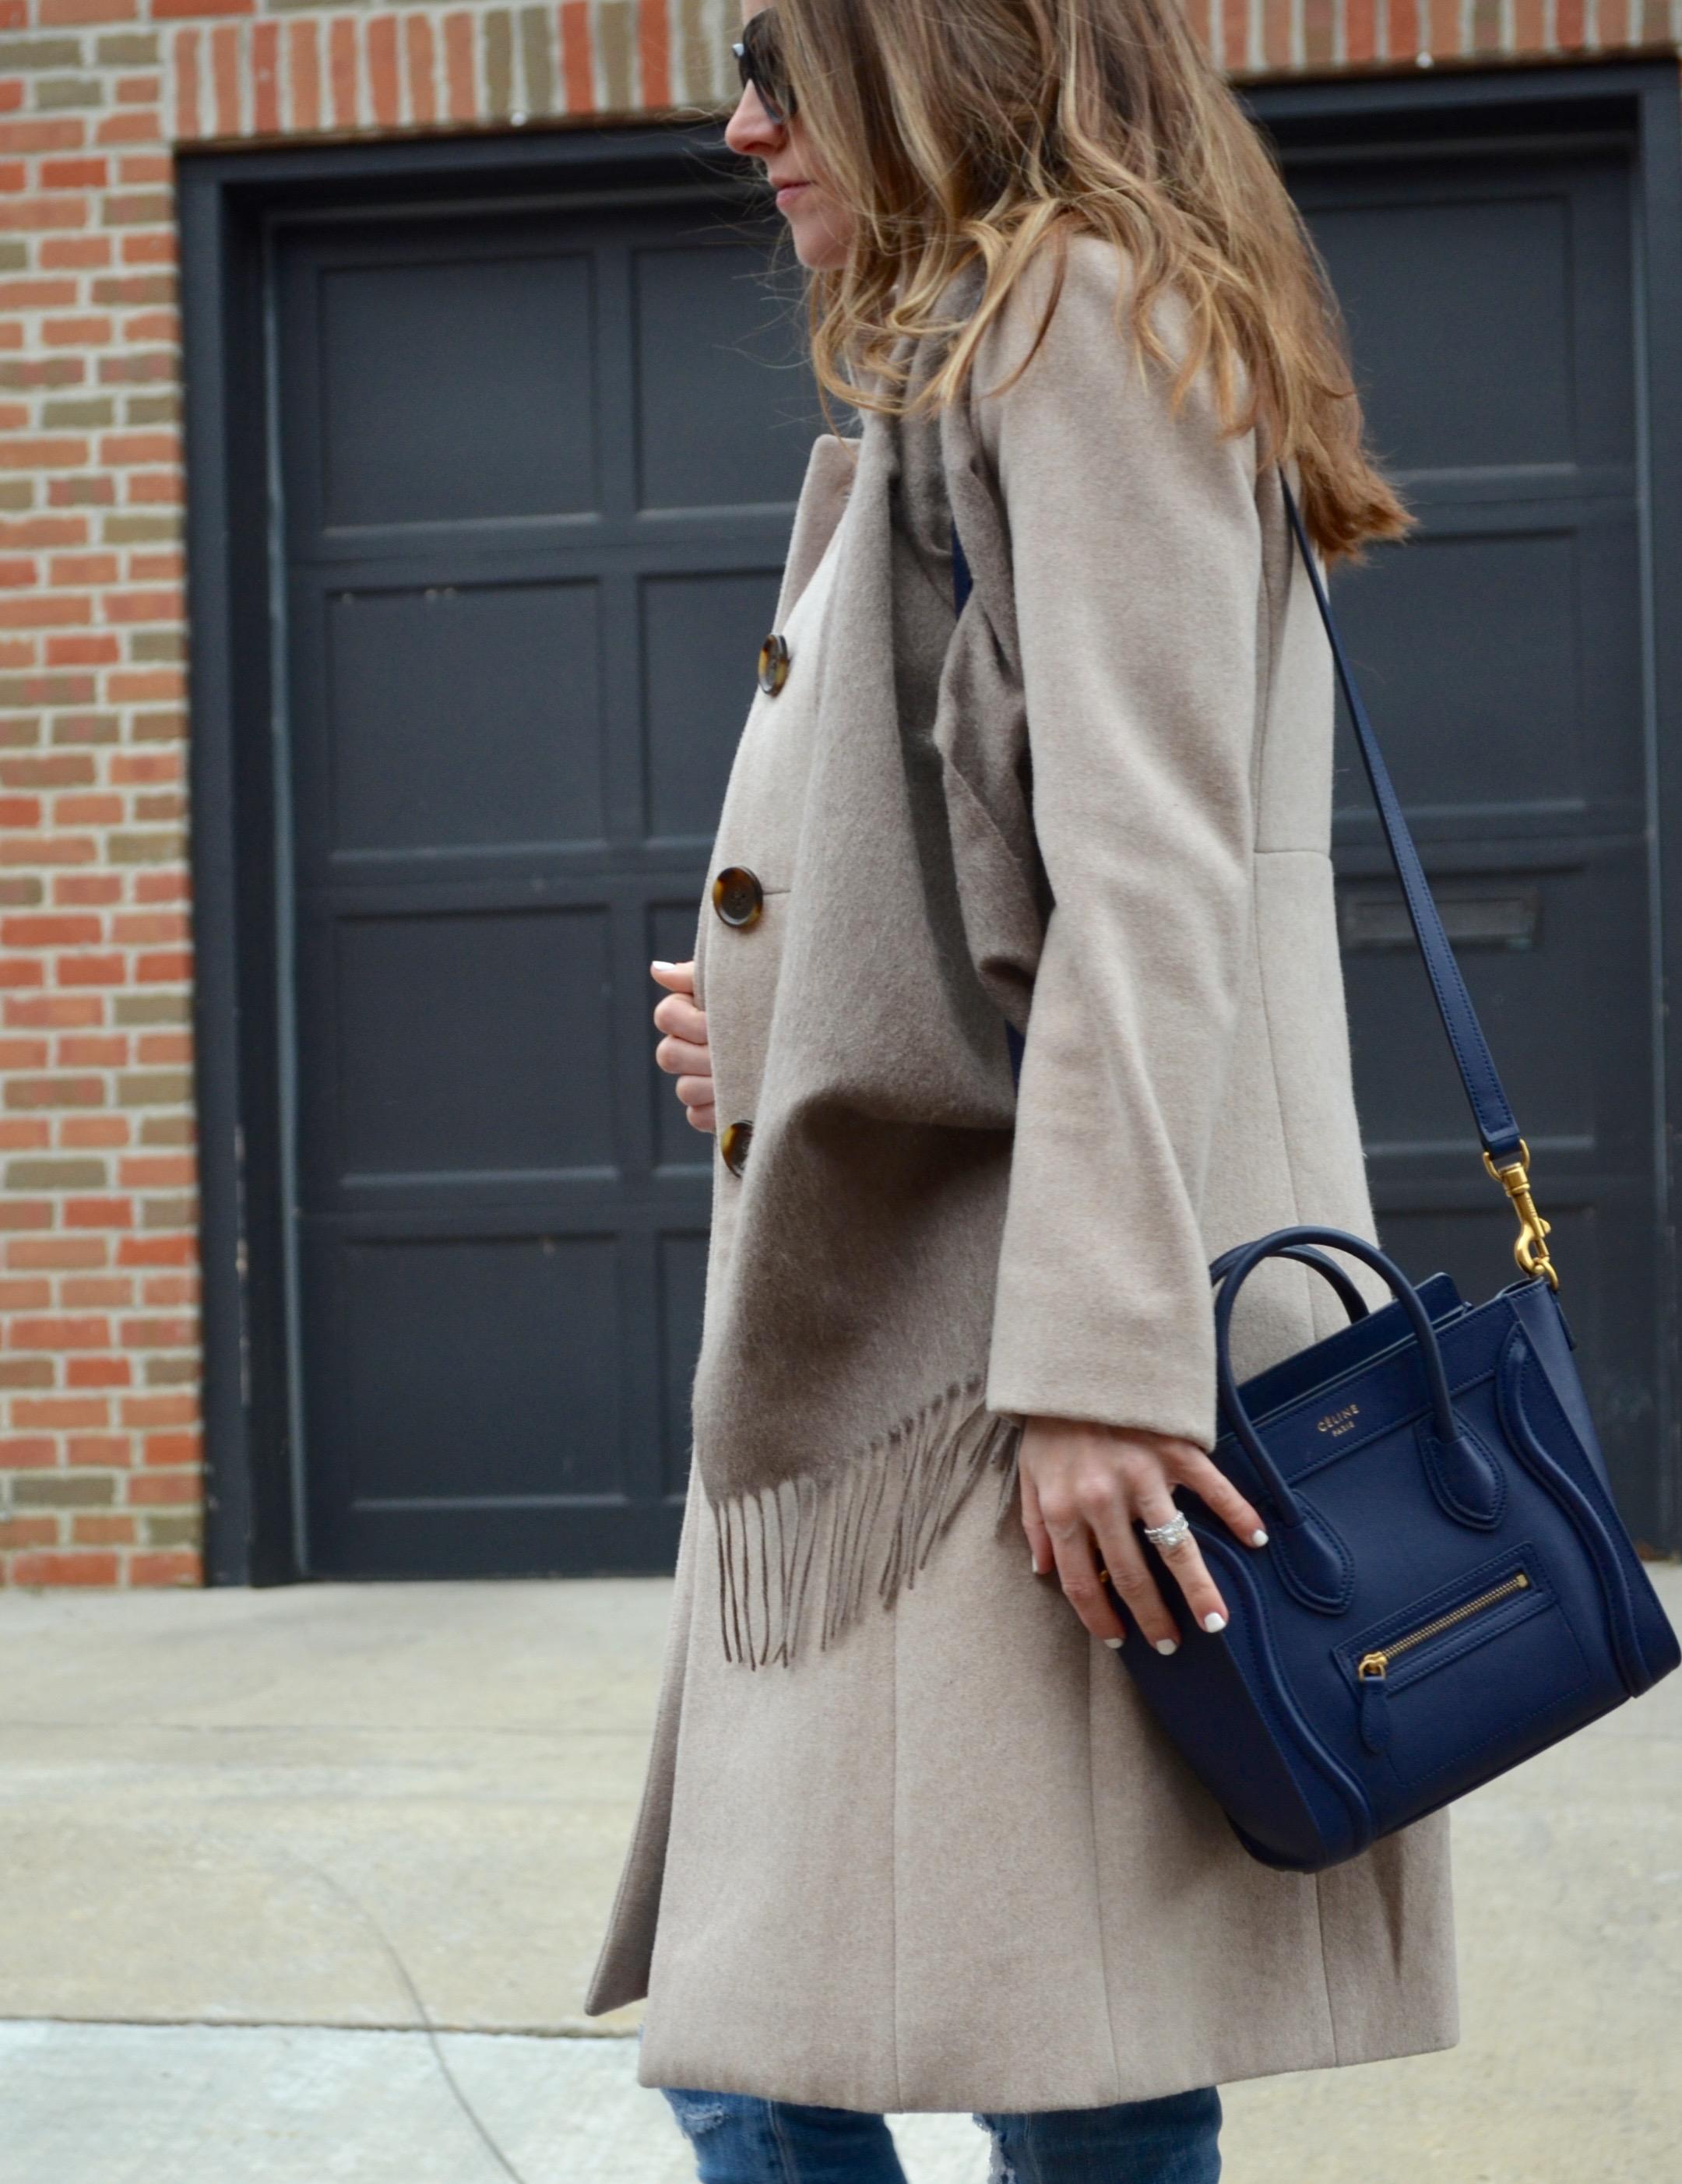 navy blue celine bag ysl scarf